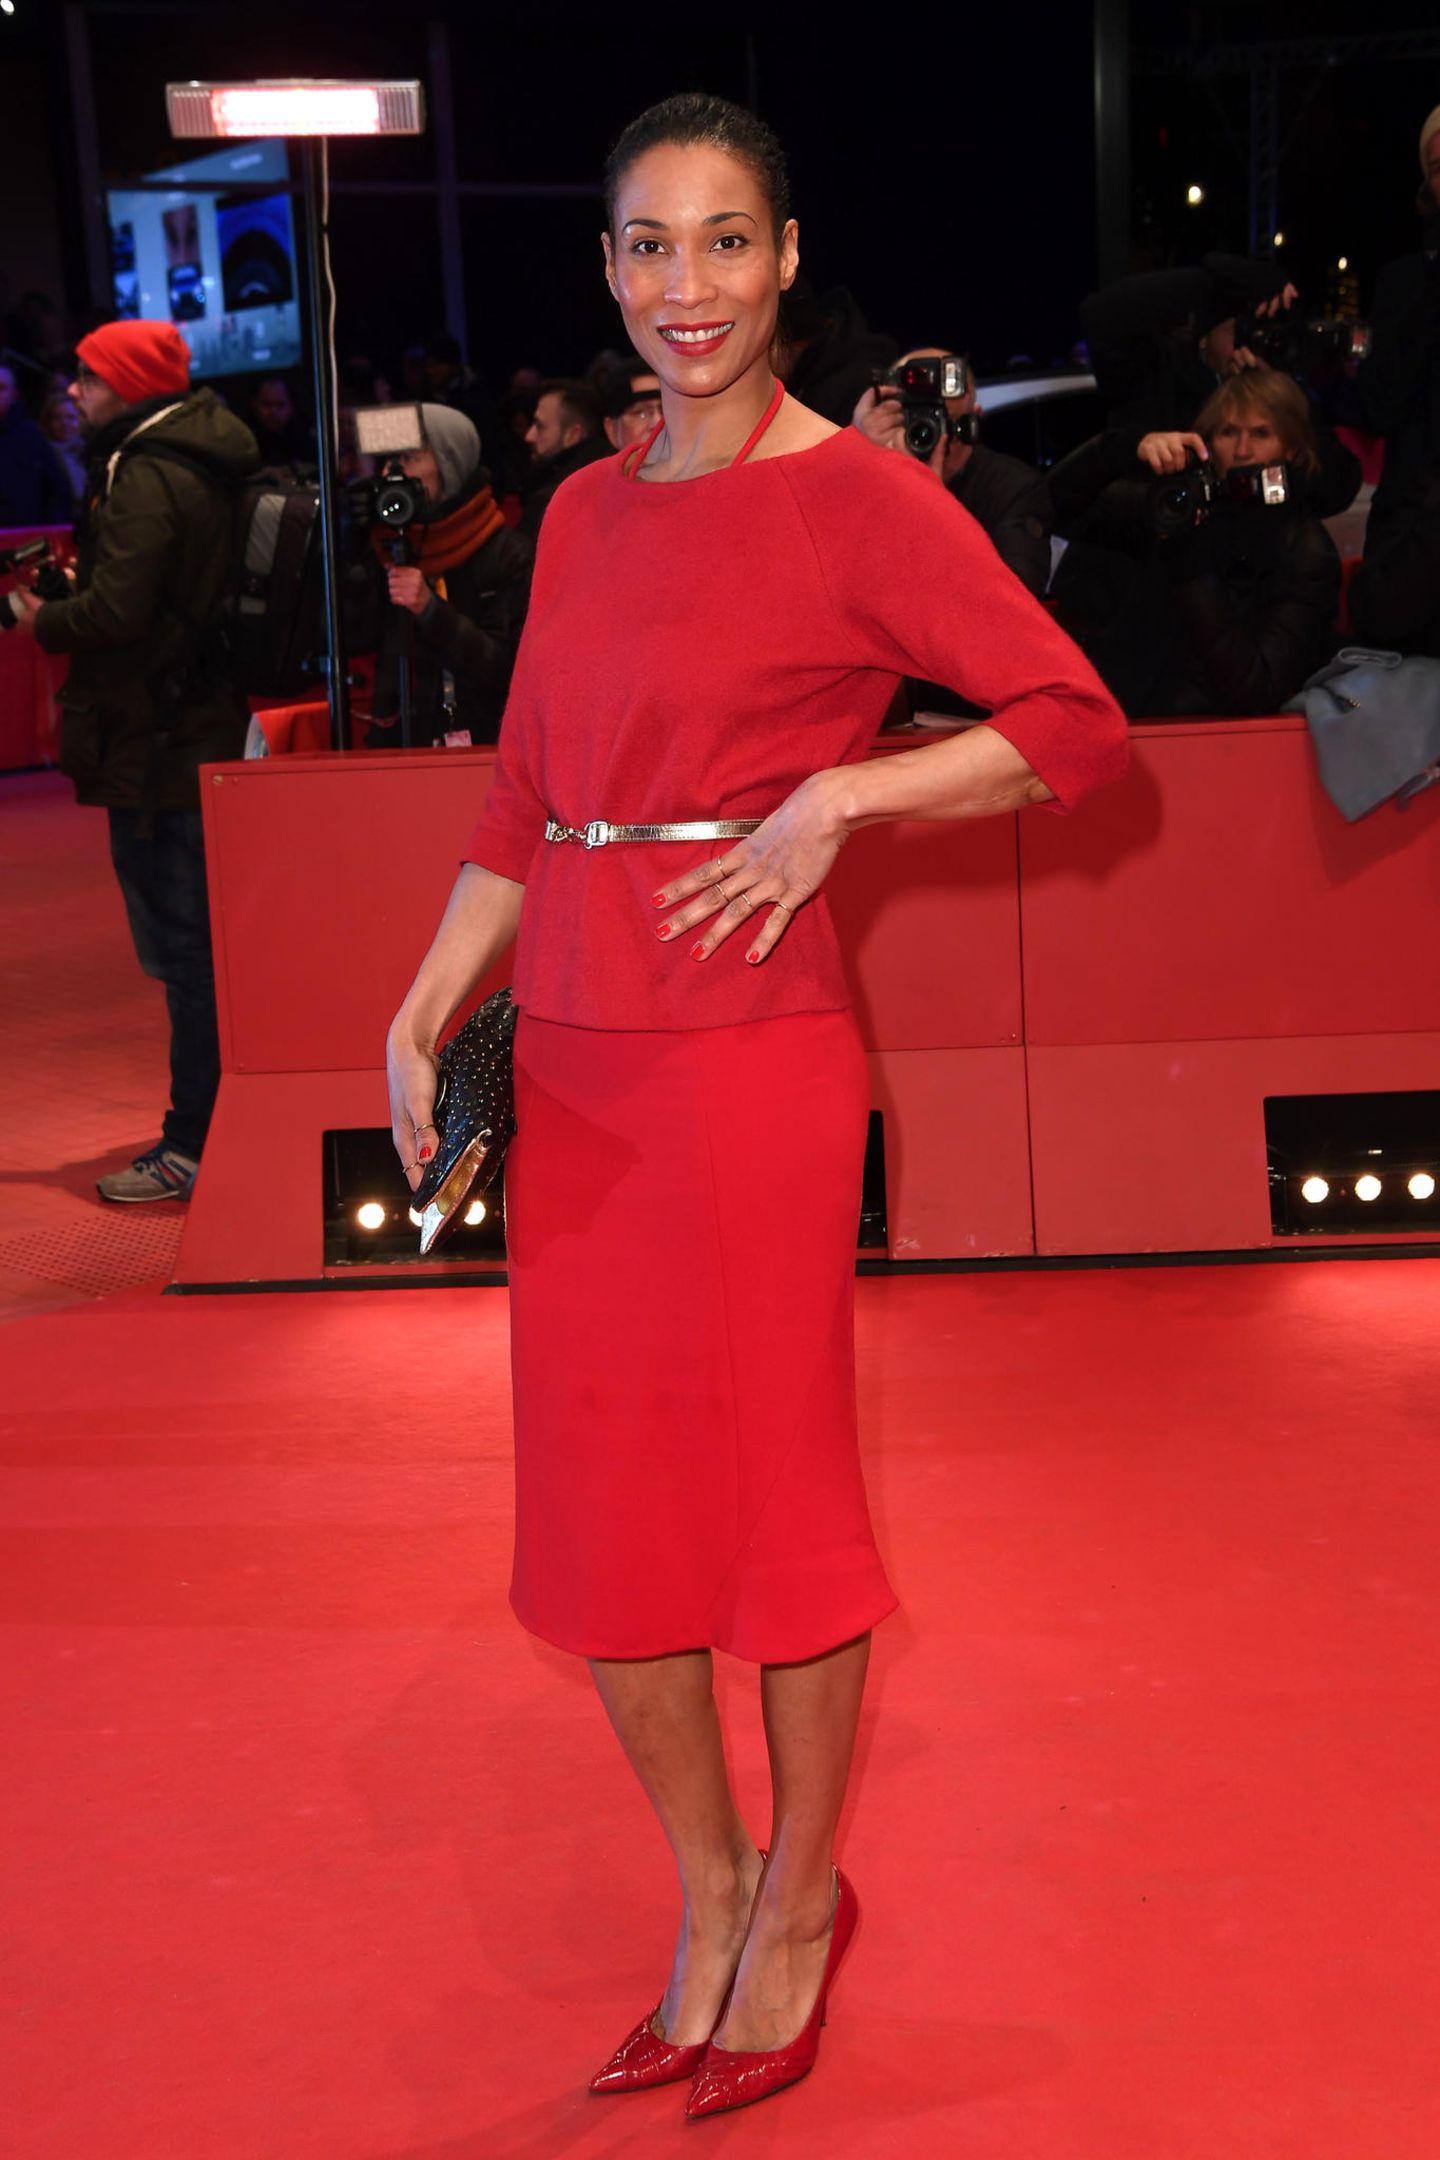 Berlinale 2018: Annabelle Mandeng auf dem Roten Teppich